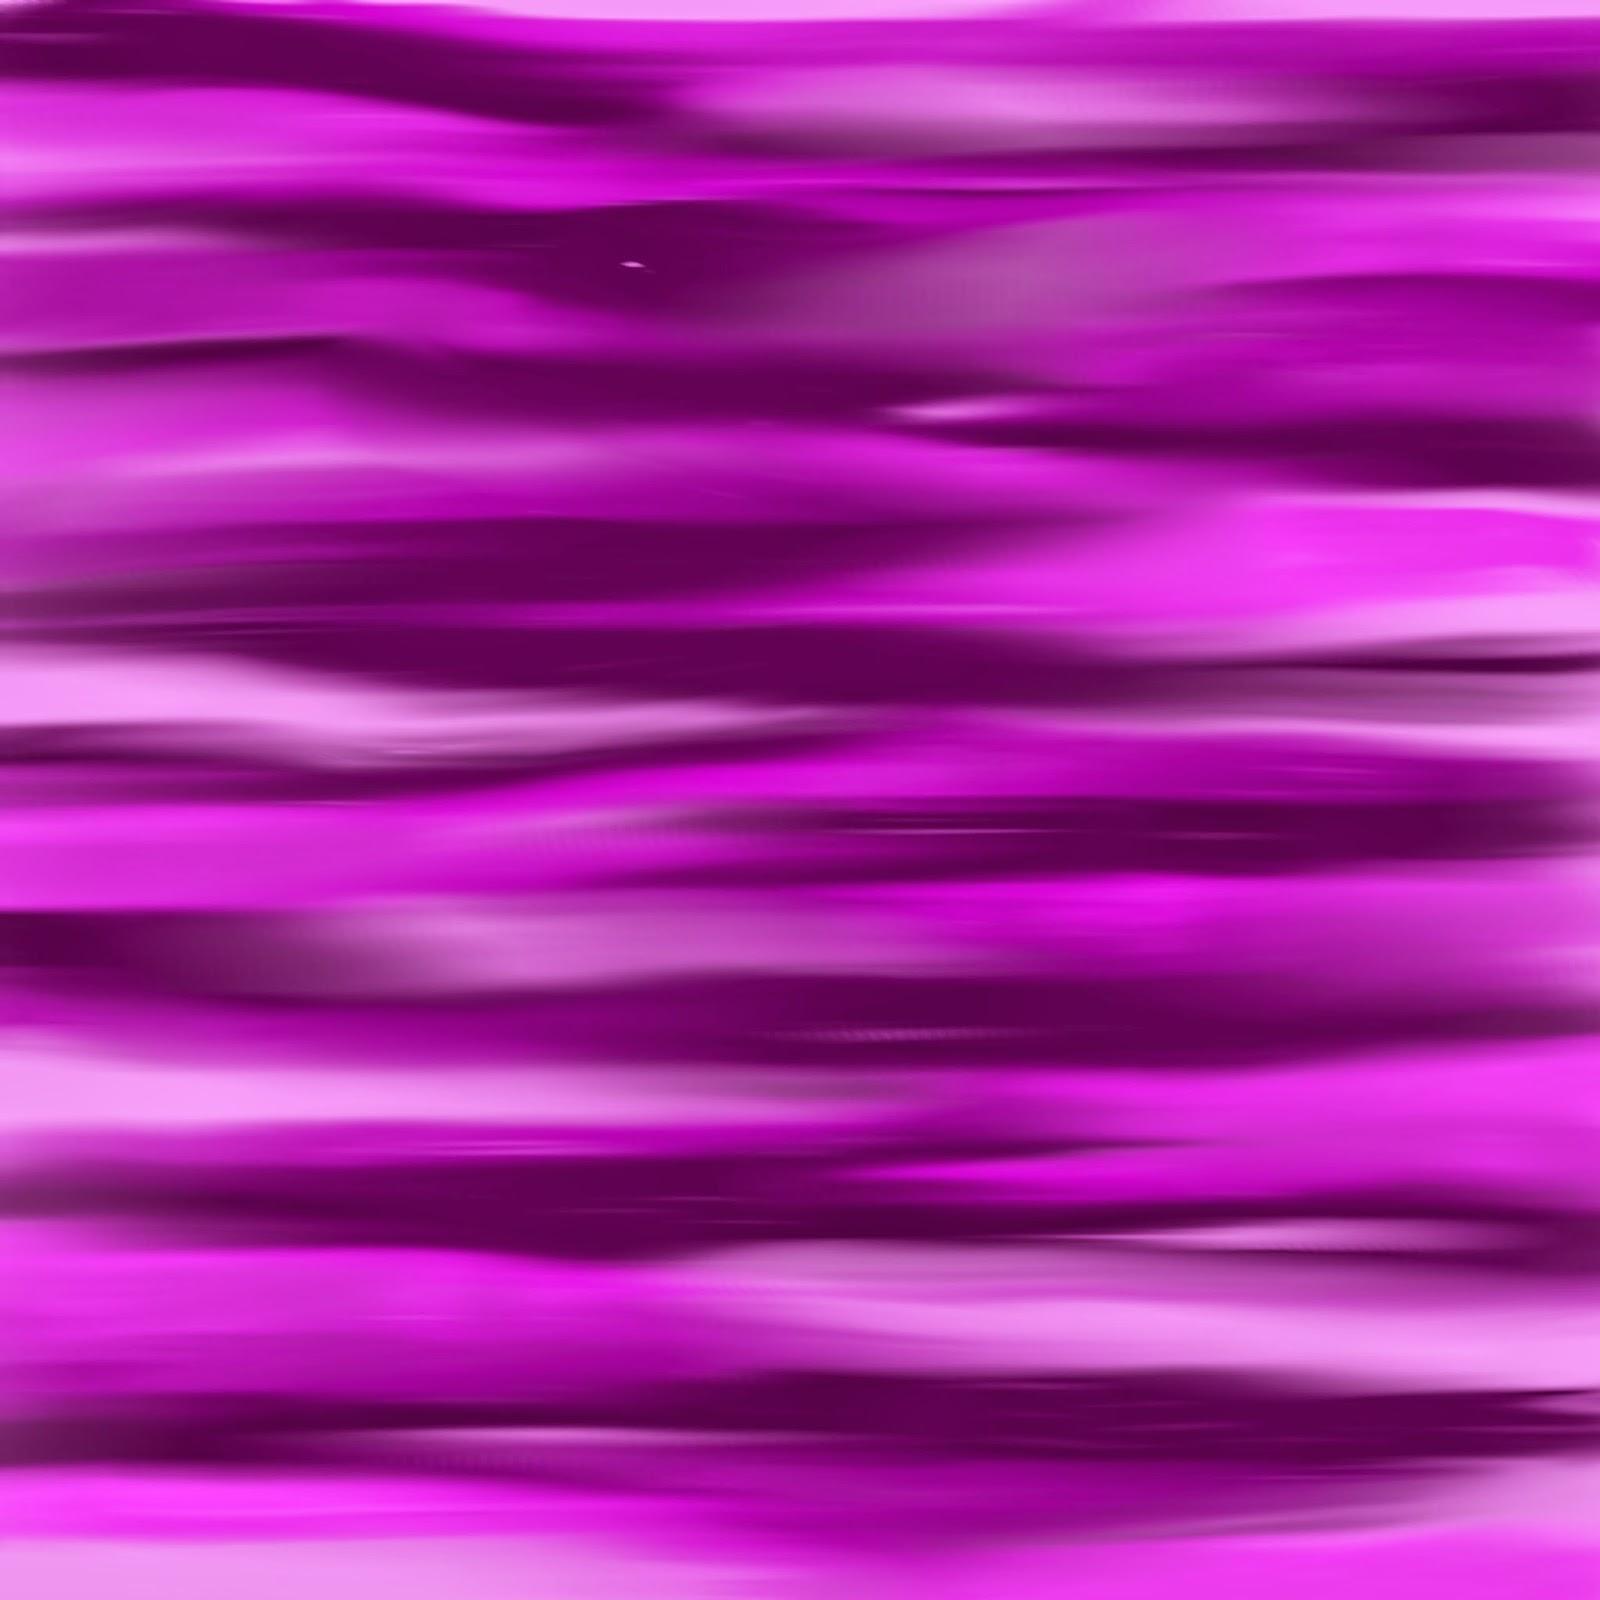 http://1.bp.blogspot.com/-roJNbkjpEnw/VO7AW7Ia3QI/AAAAAAAAMIY/yT7i5scGDTU/s1600/Image1.jpg